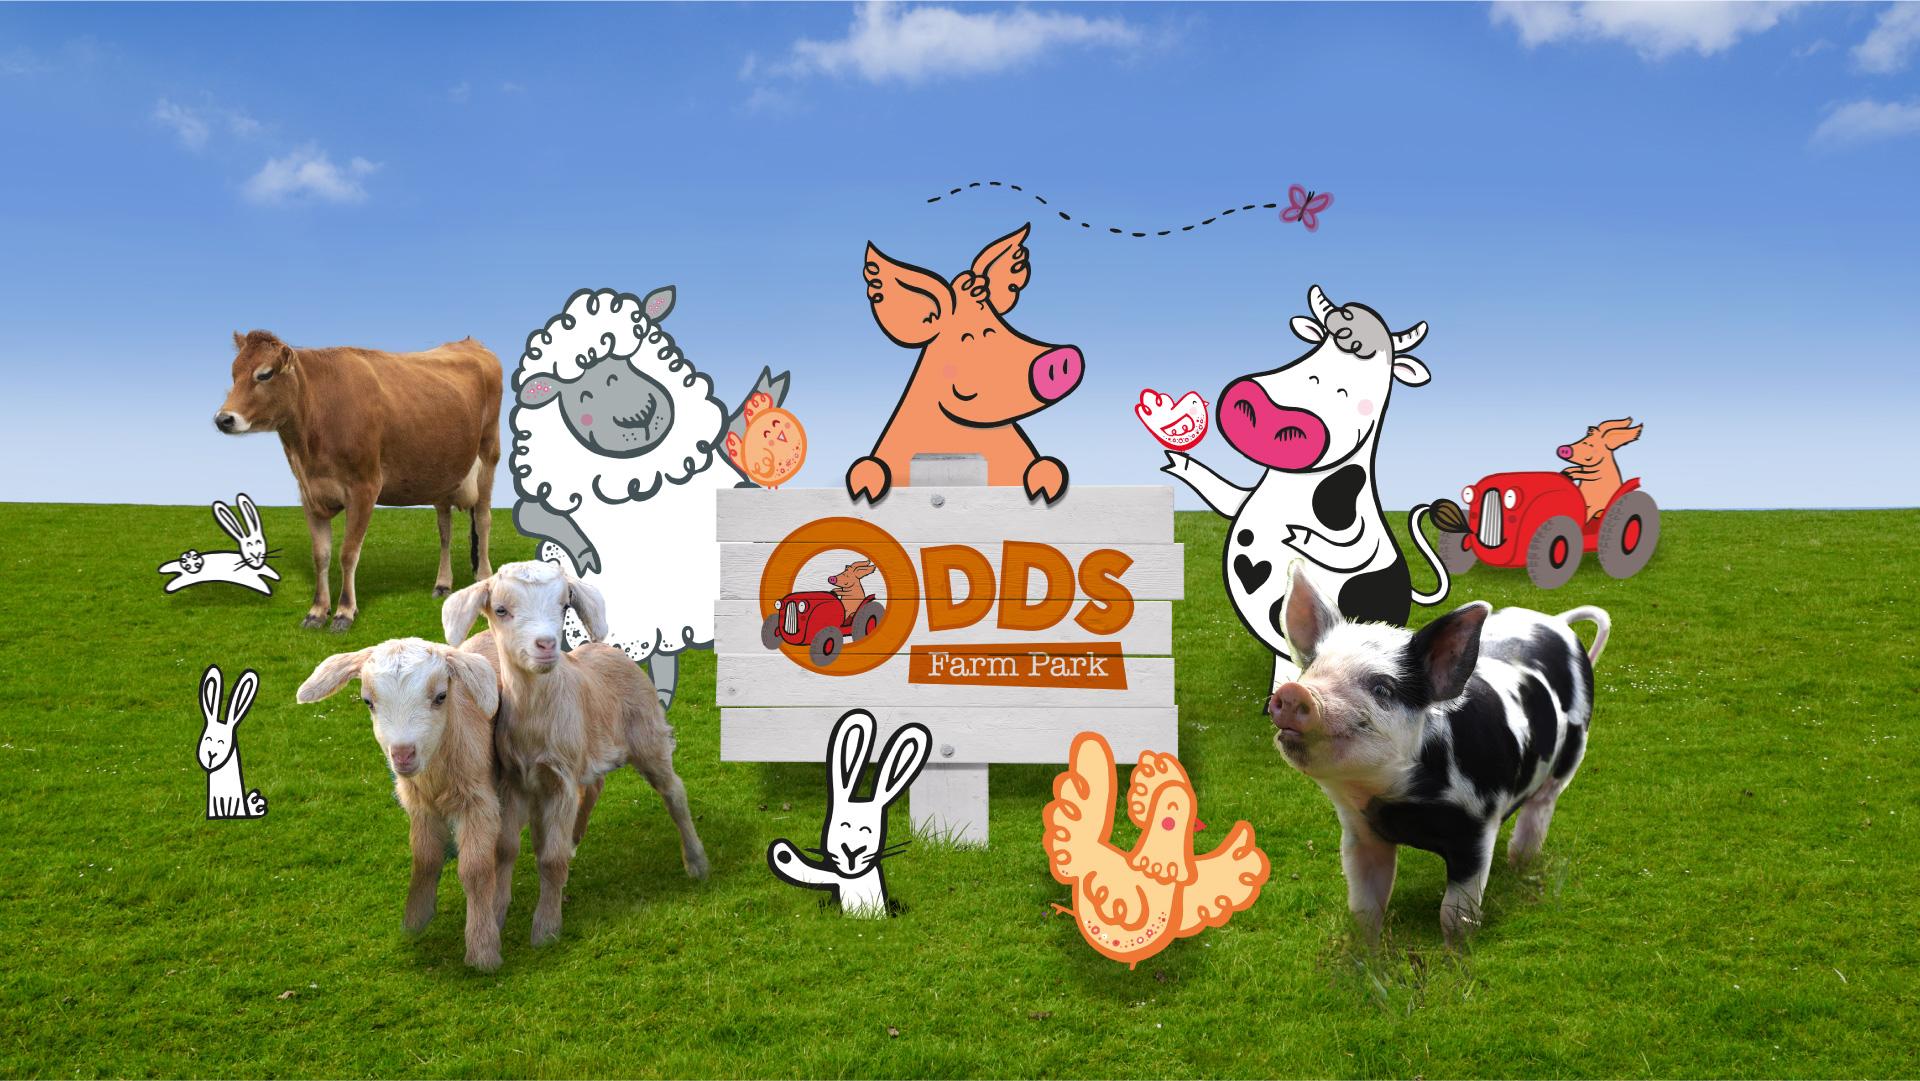 Branding Farm Park Odds